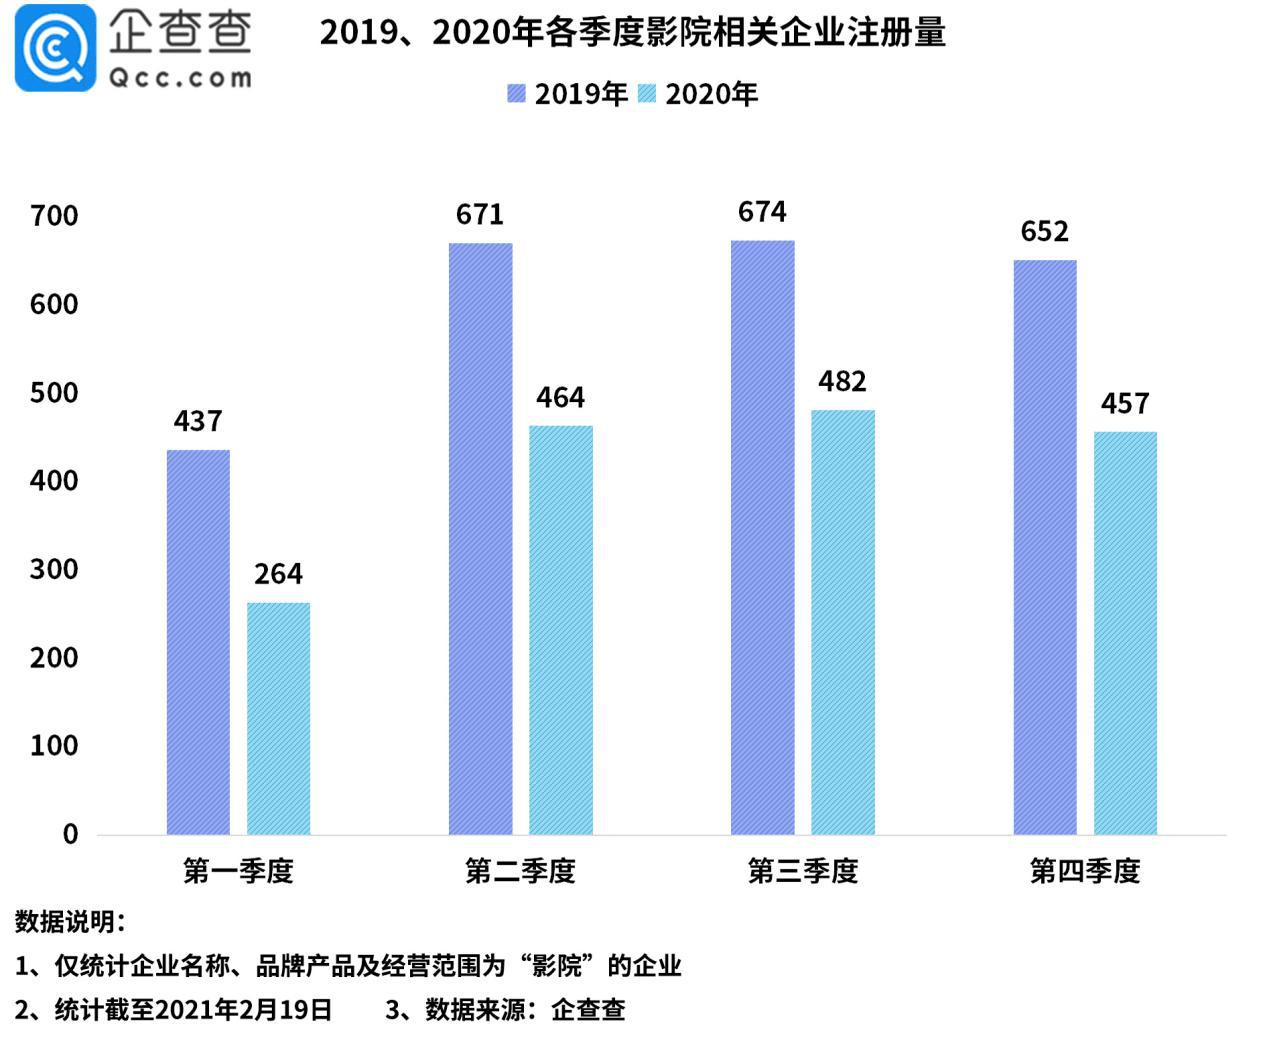 企查查數據:2020年我國影院相關企業注冊量同比下降%